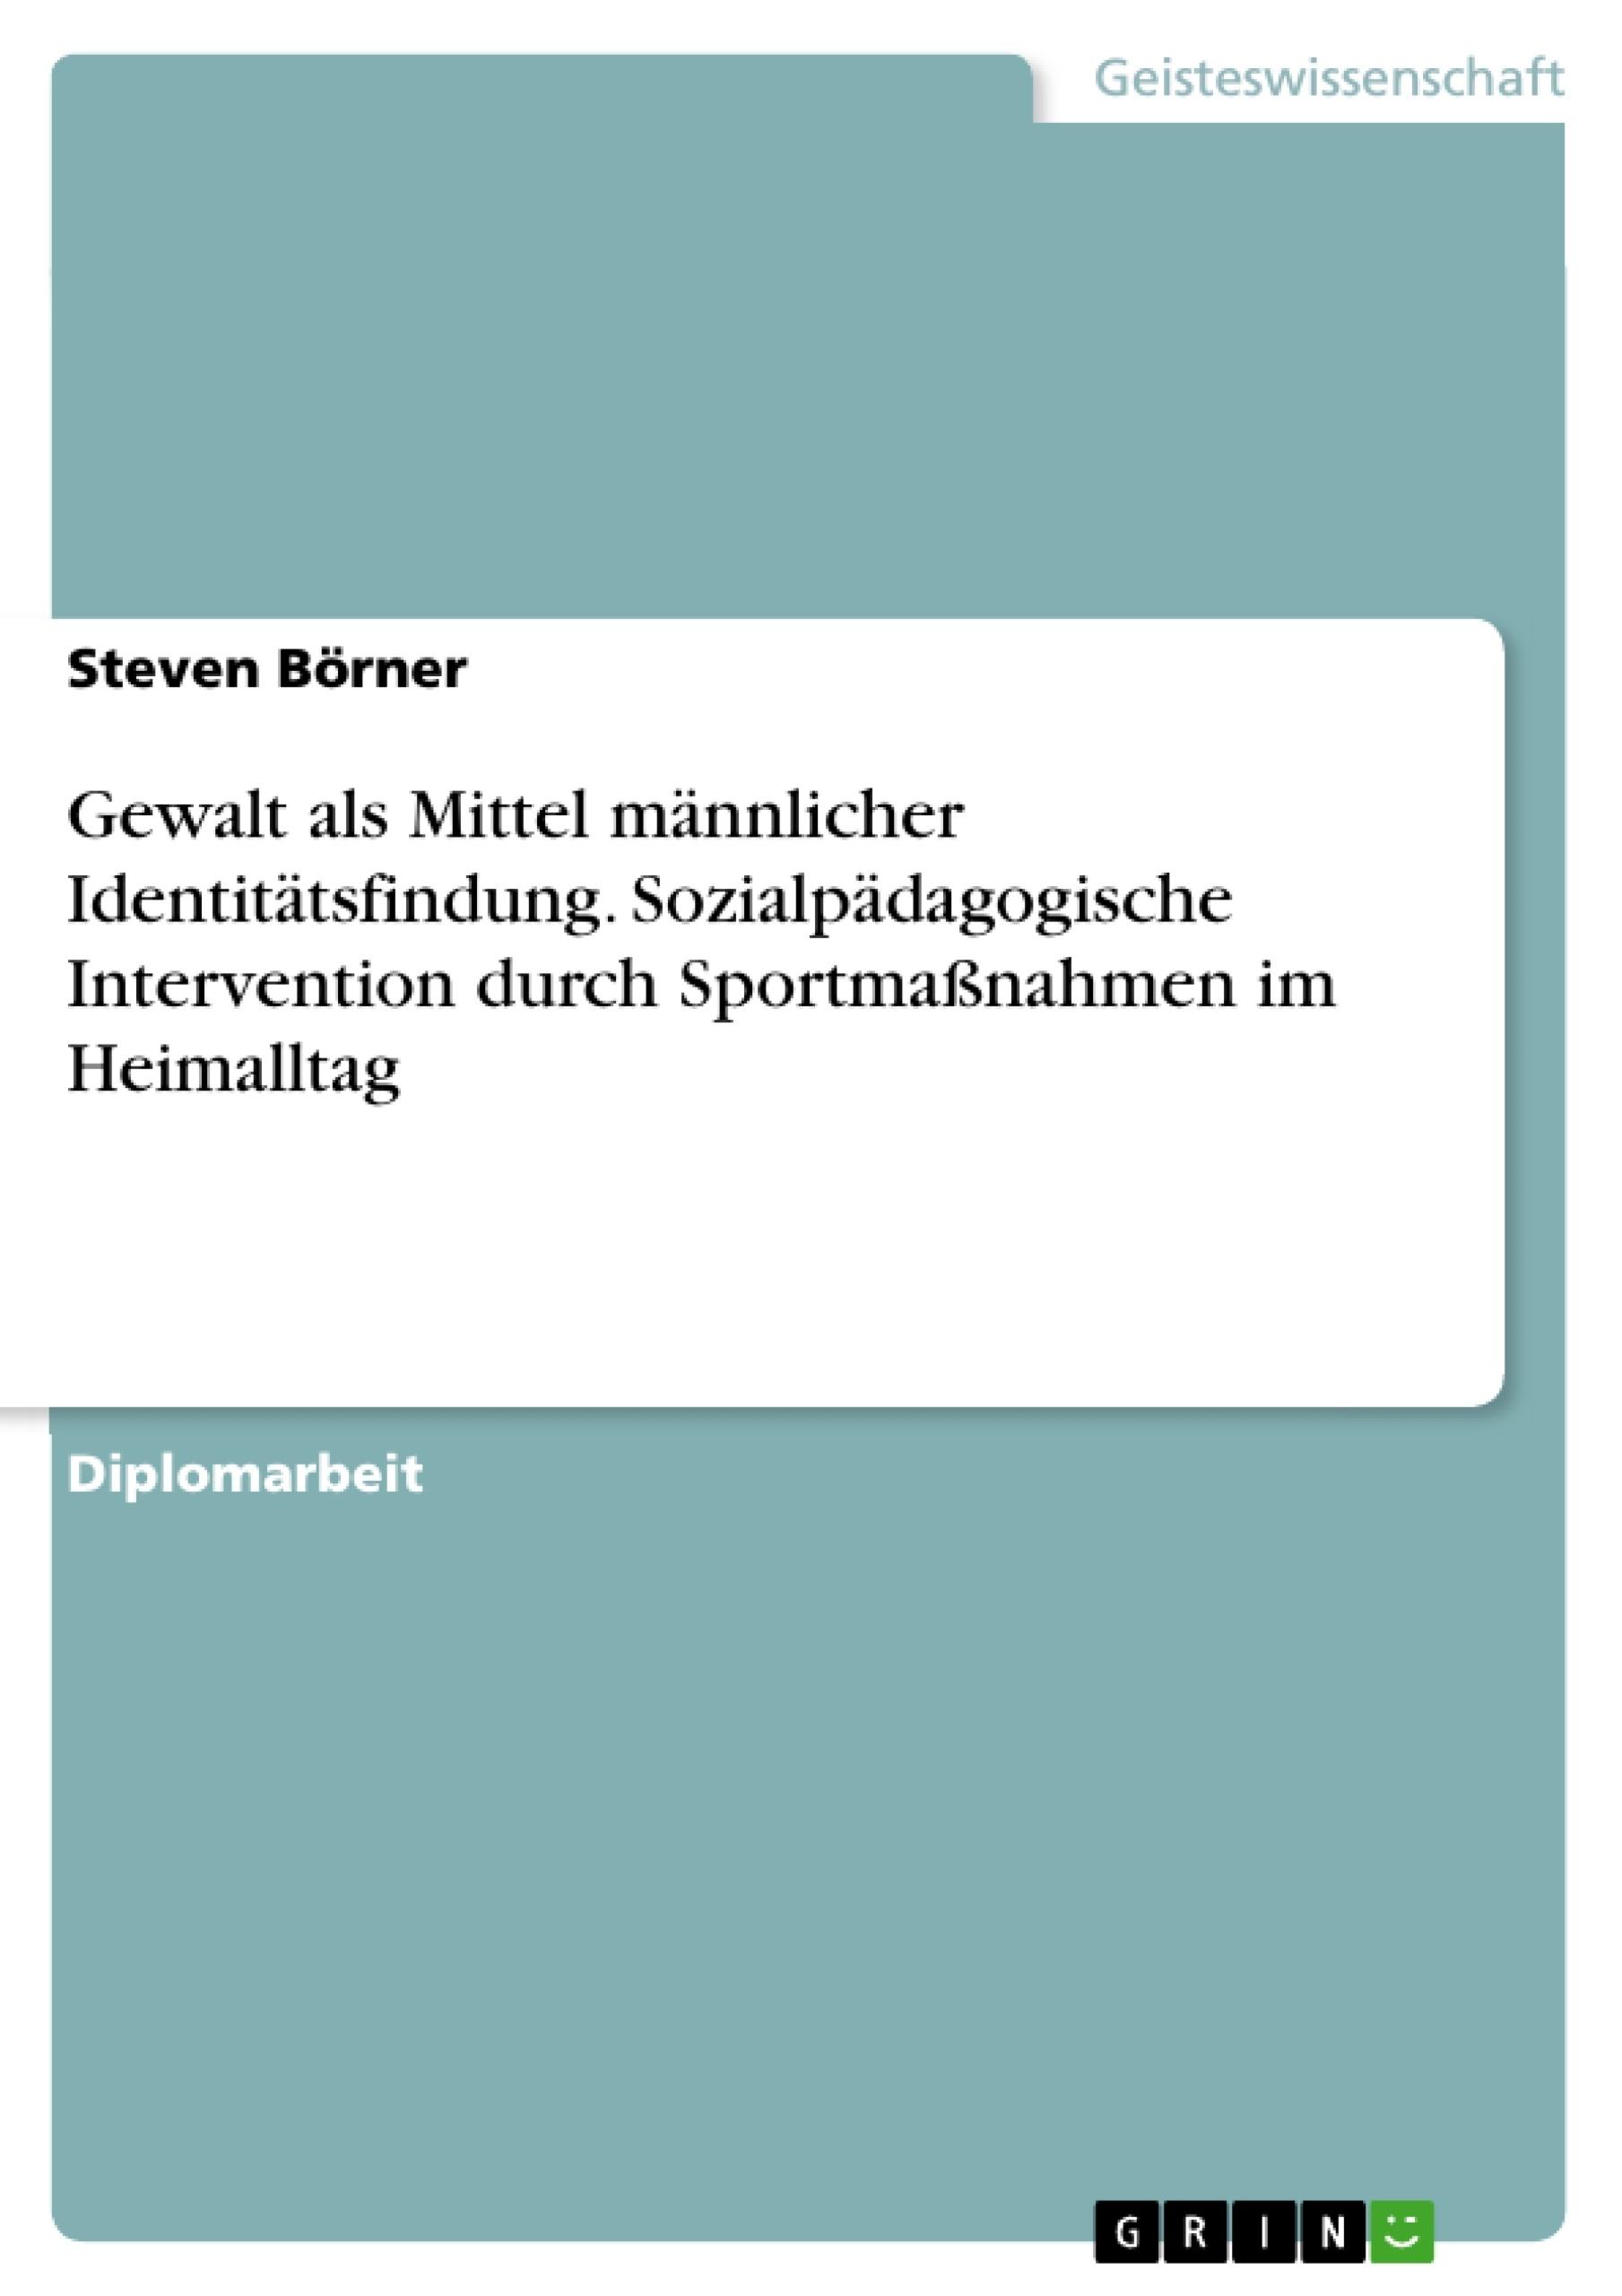 Titel: Gewalt als Mittel männlicher Identitätsfindung. Sozialpädagogische Intervention durch Sportmaßnahmen im Heimalltag